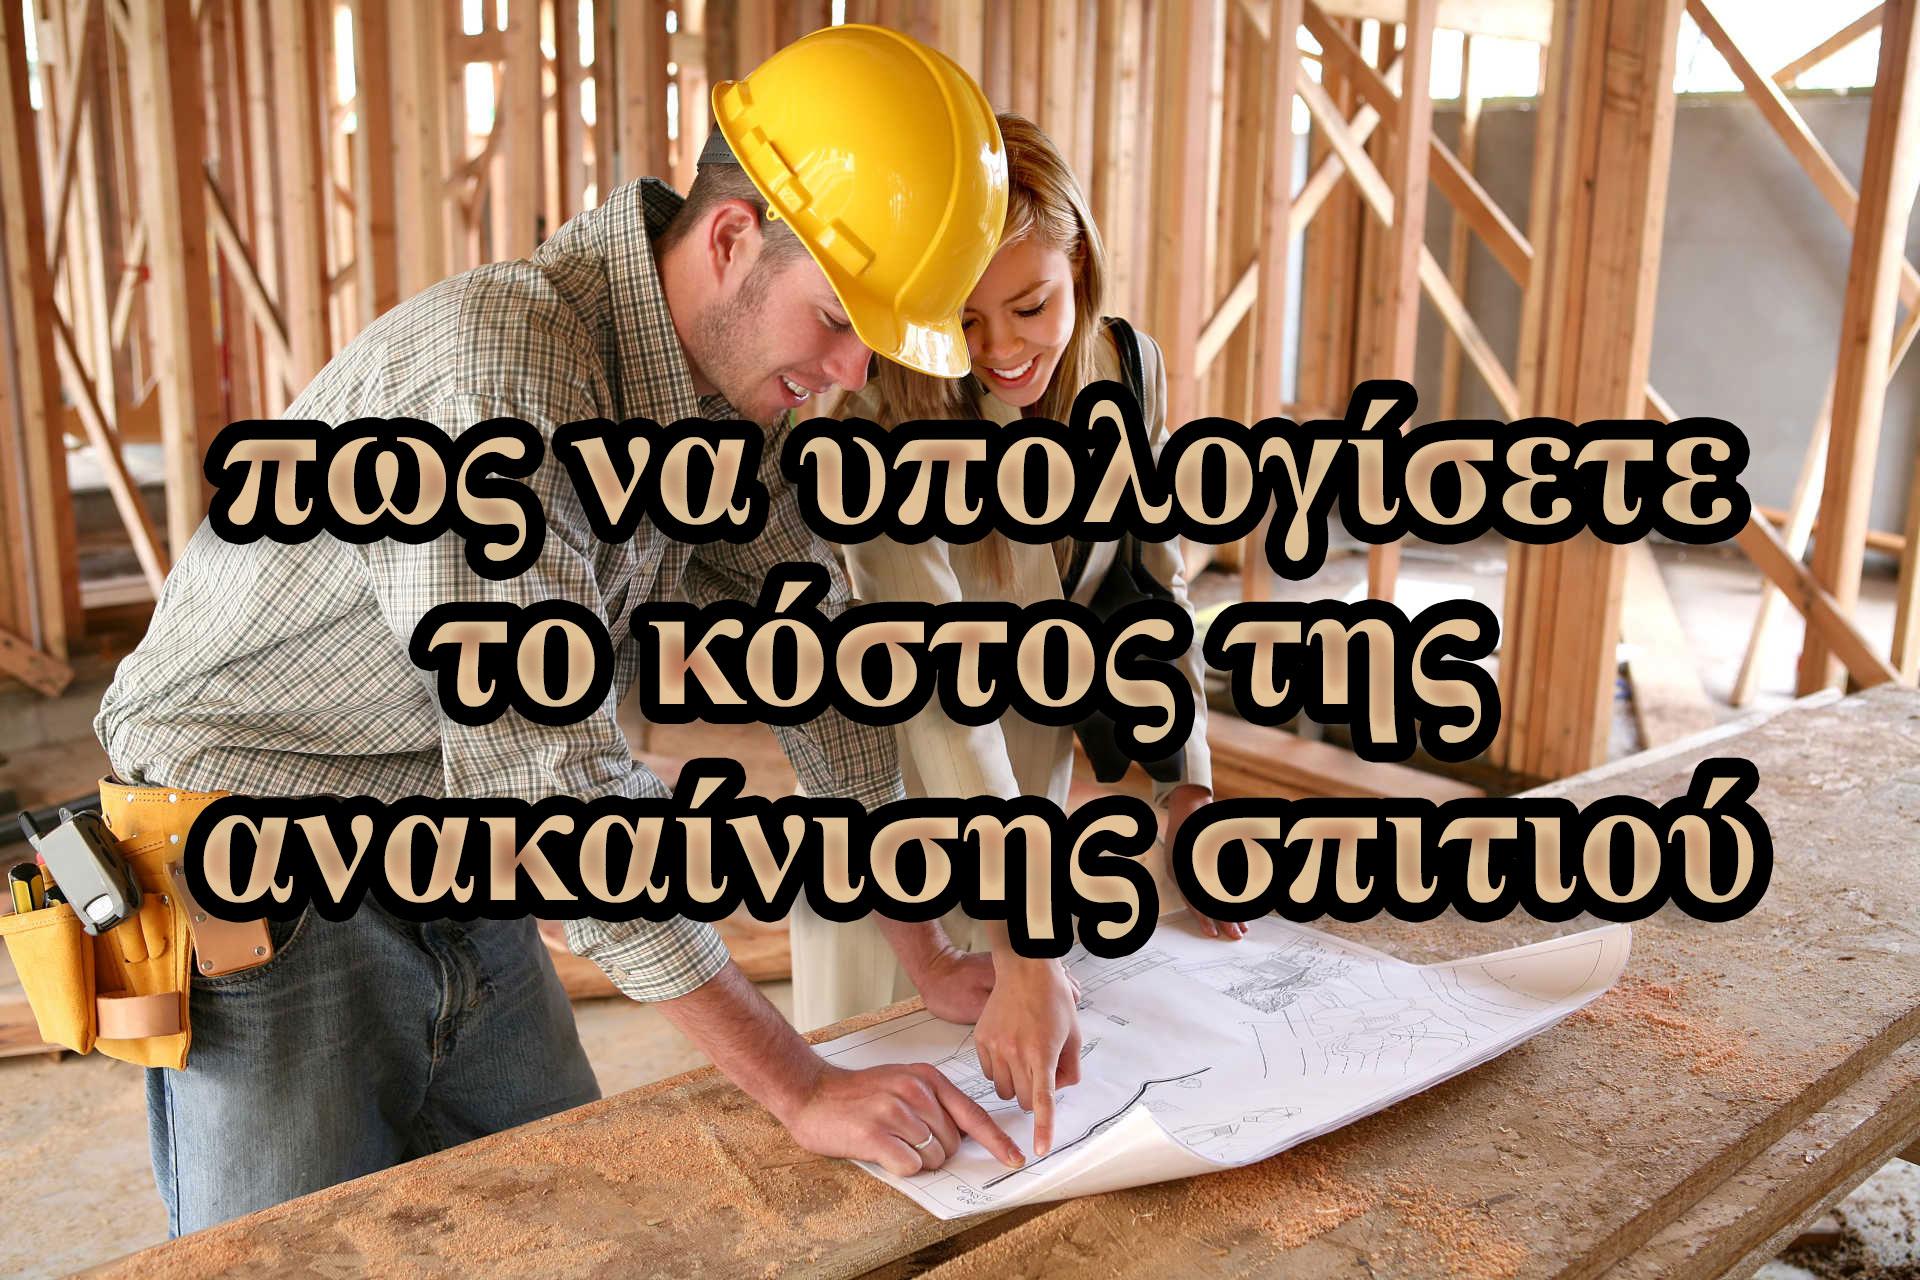 Πως να υπολογίσετε το κόστος ανακαίνισης σπιτιού